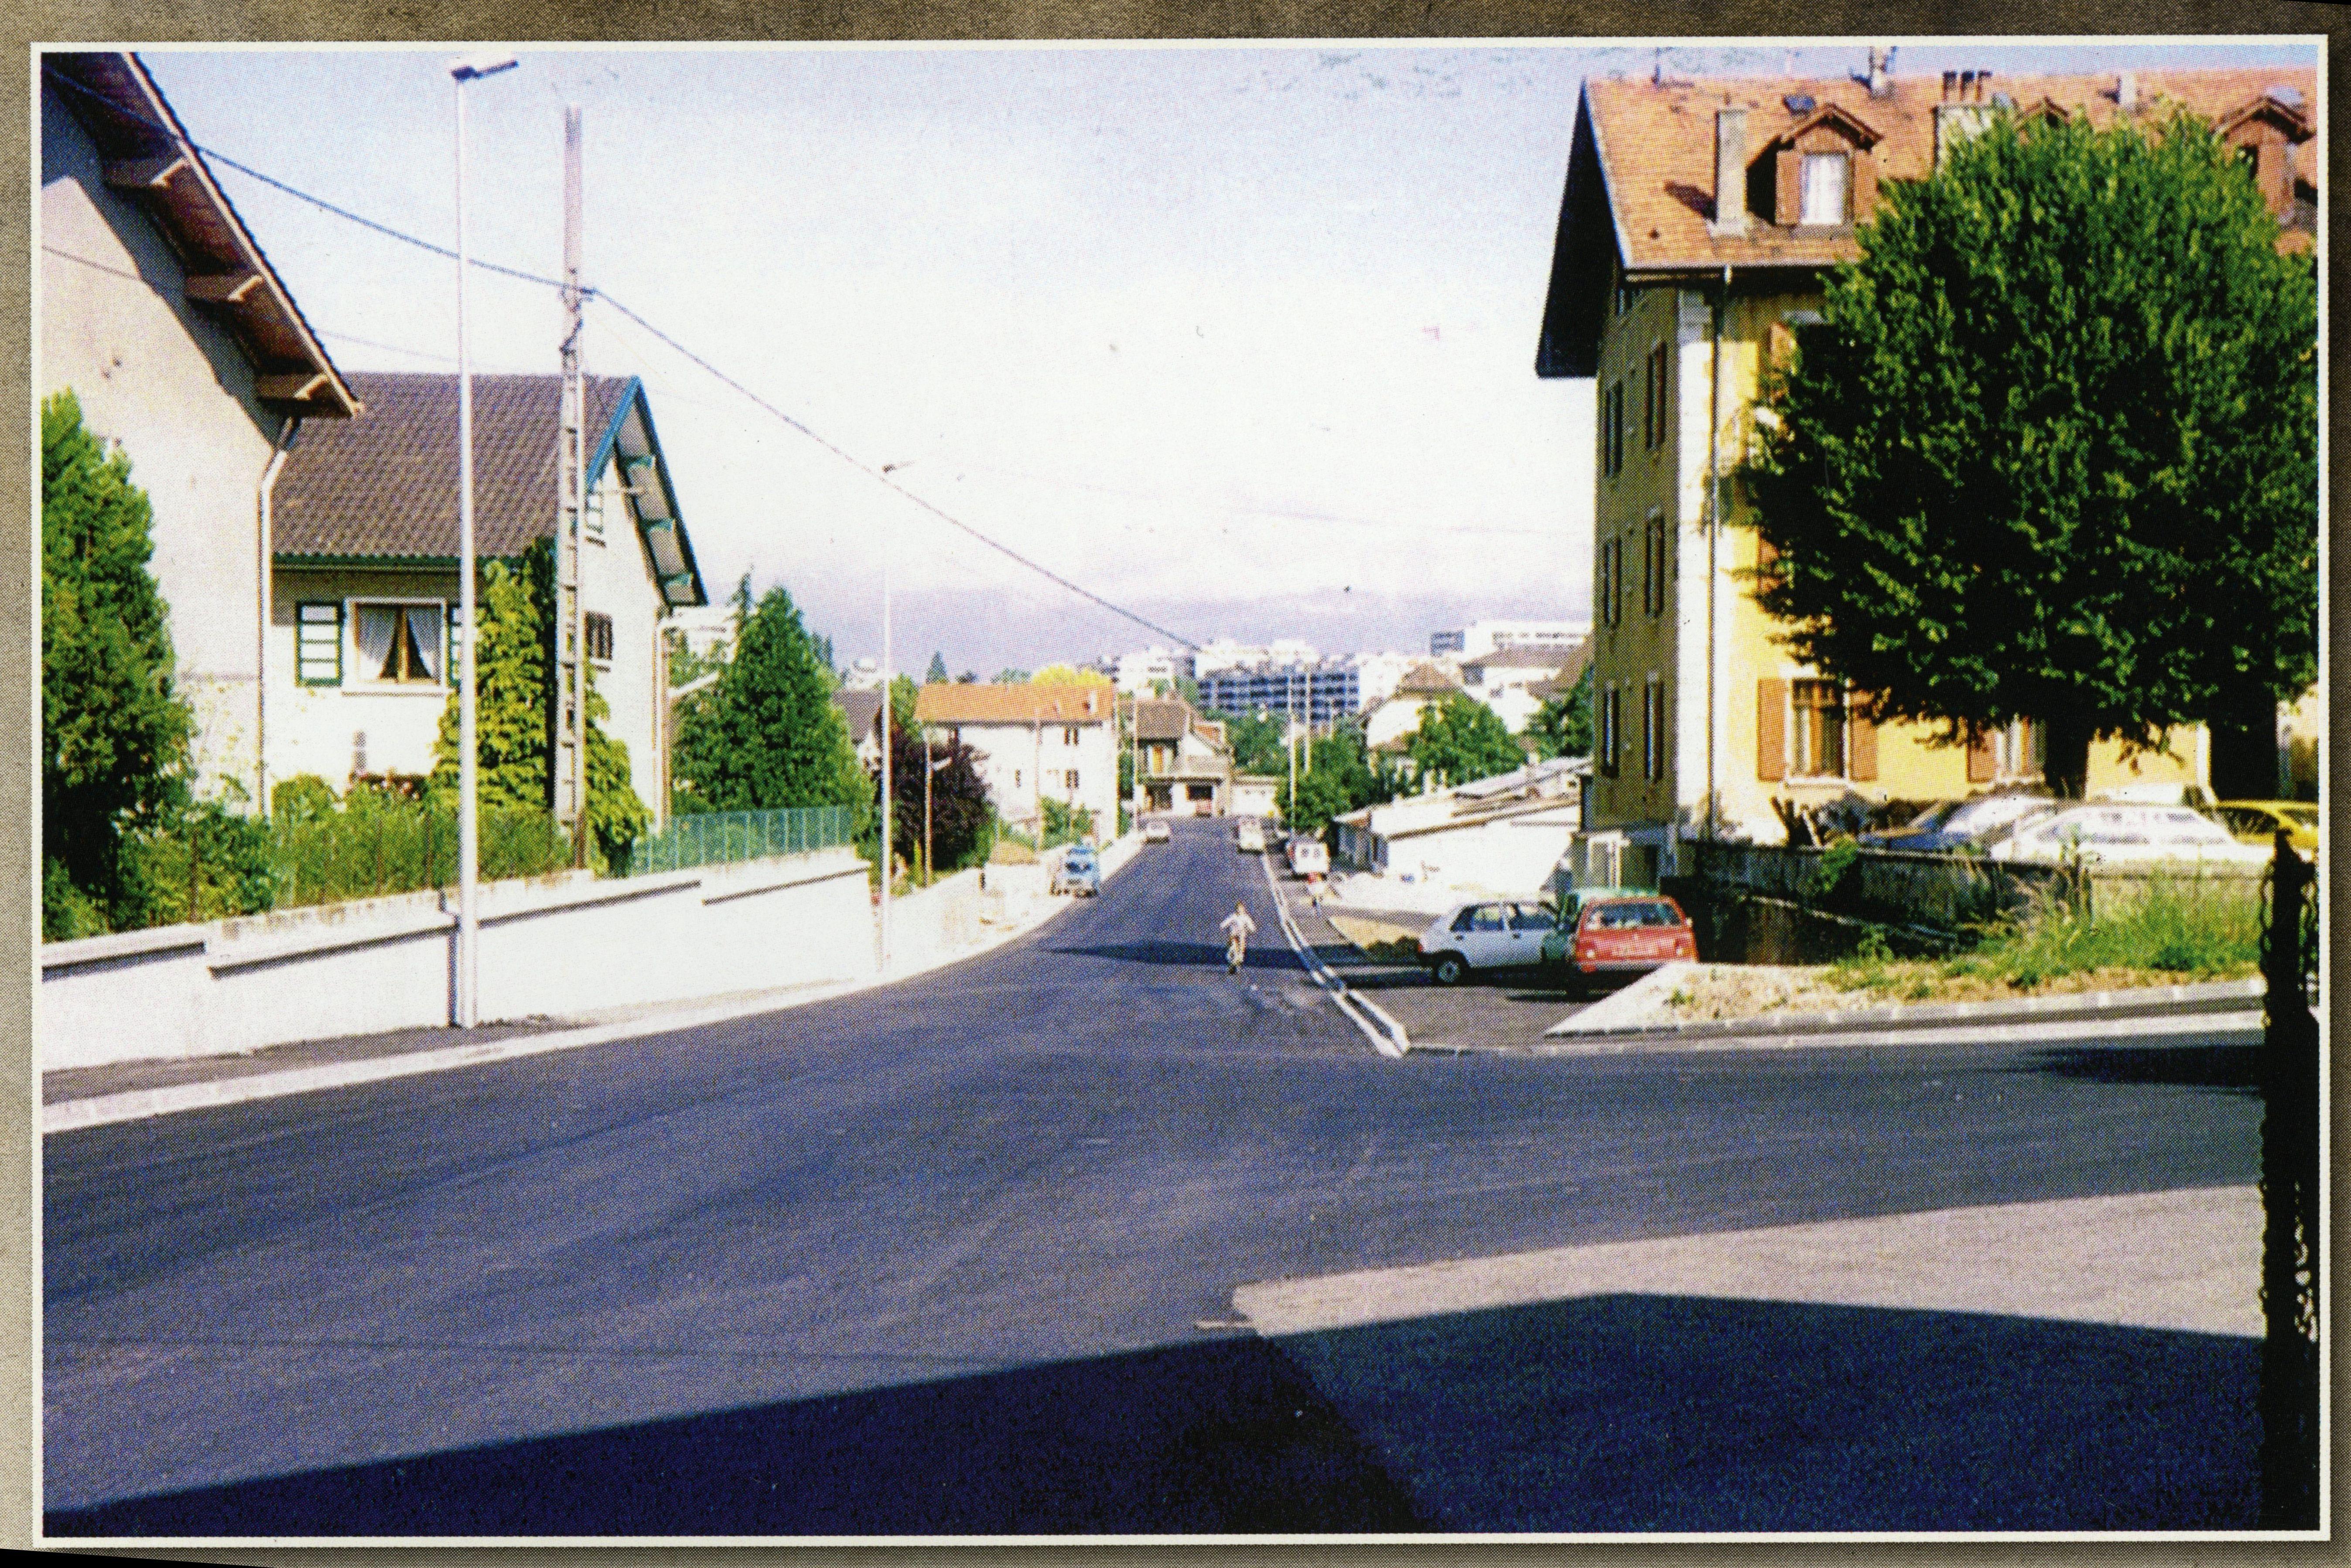 rue des peupliers 1986-1987